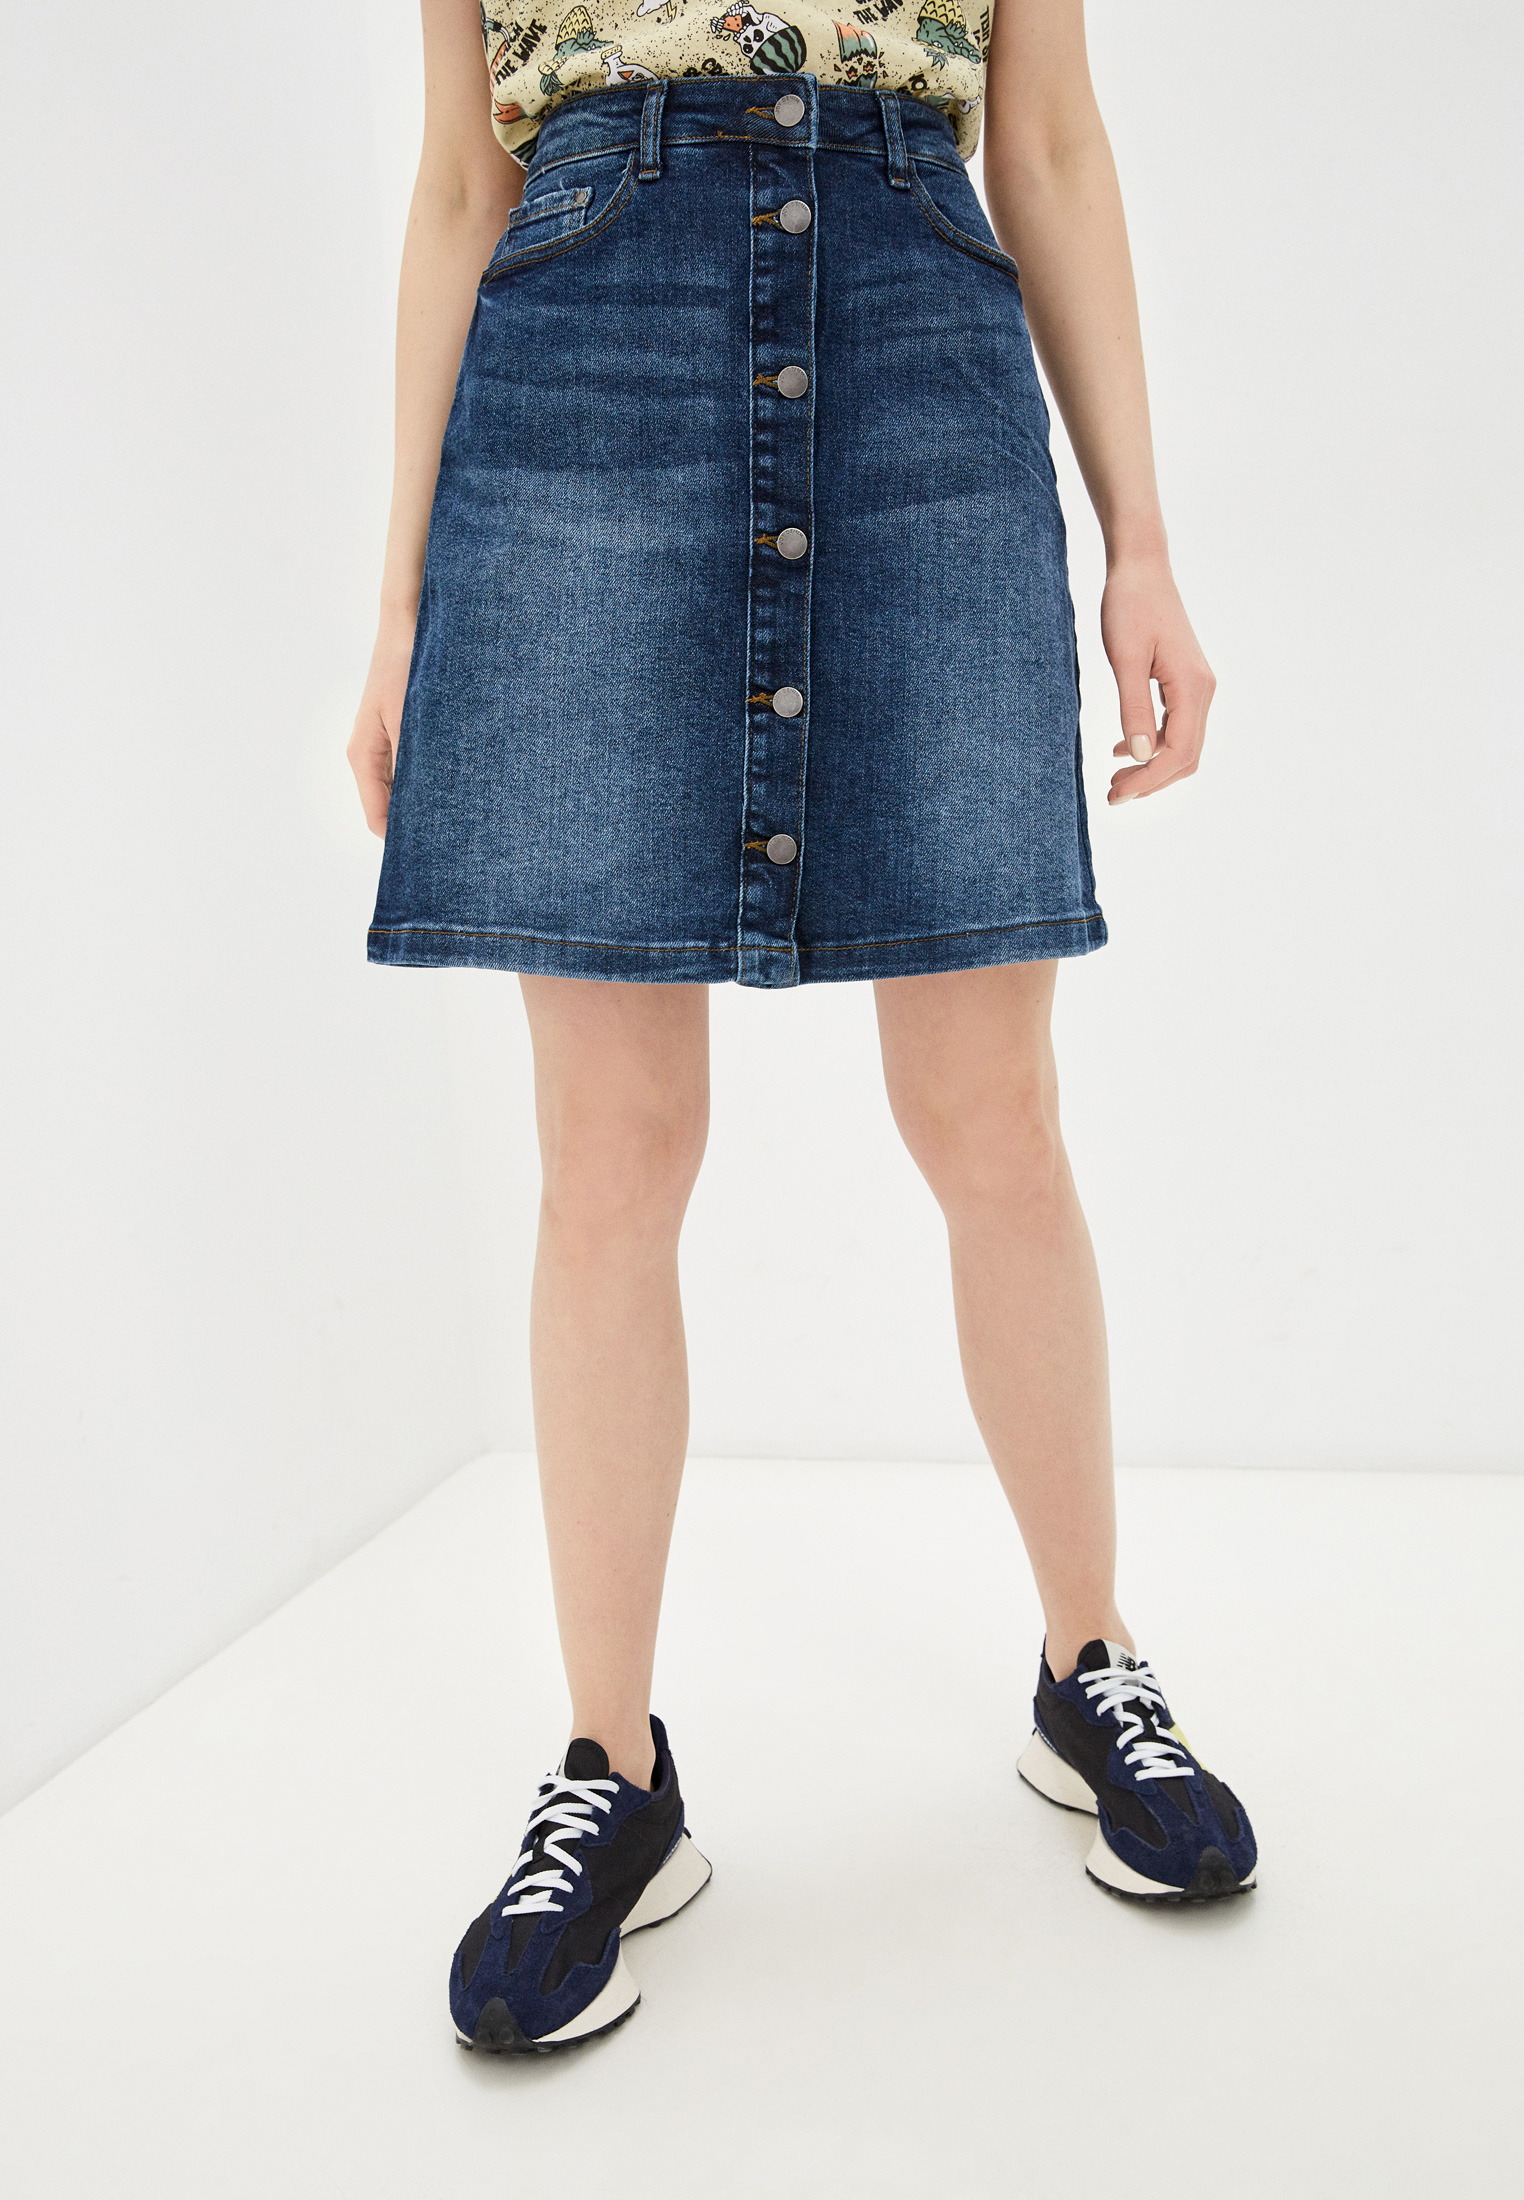 Джинсовая юбка Jacqueline de Yong Юбка джинсовая Jacqueline de Yong